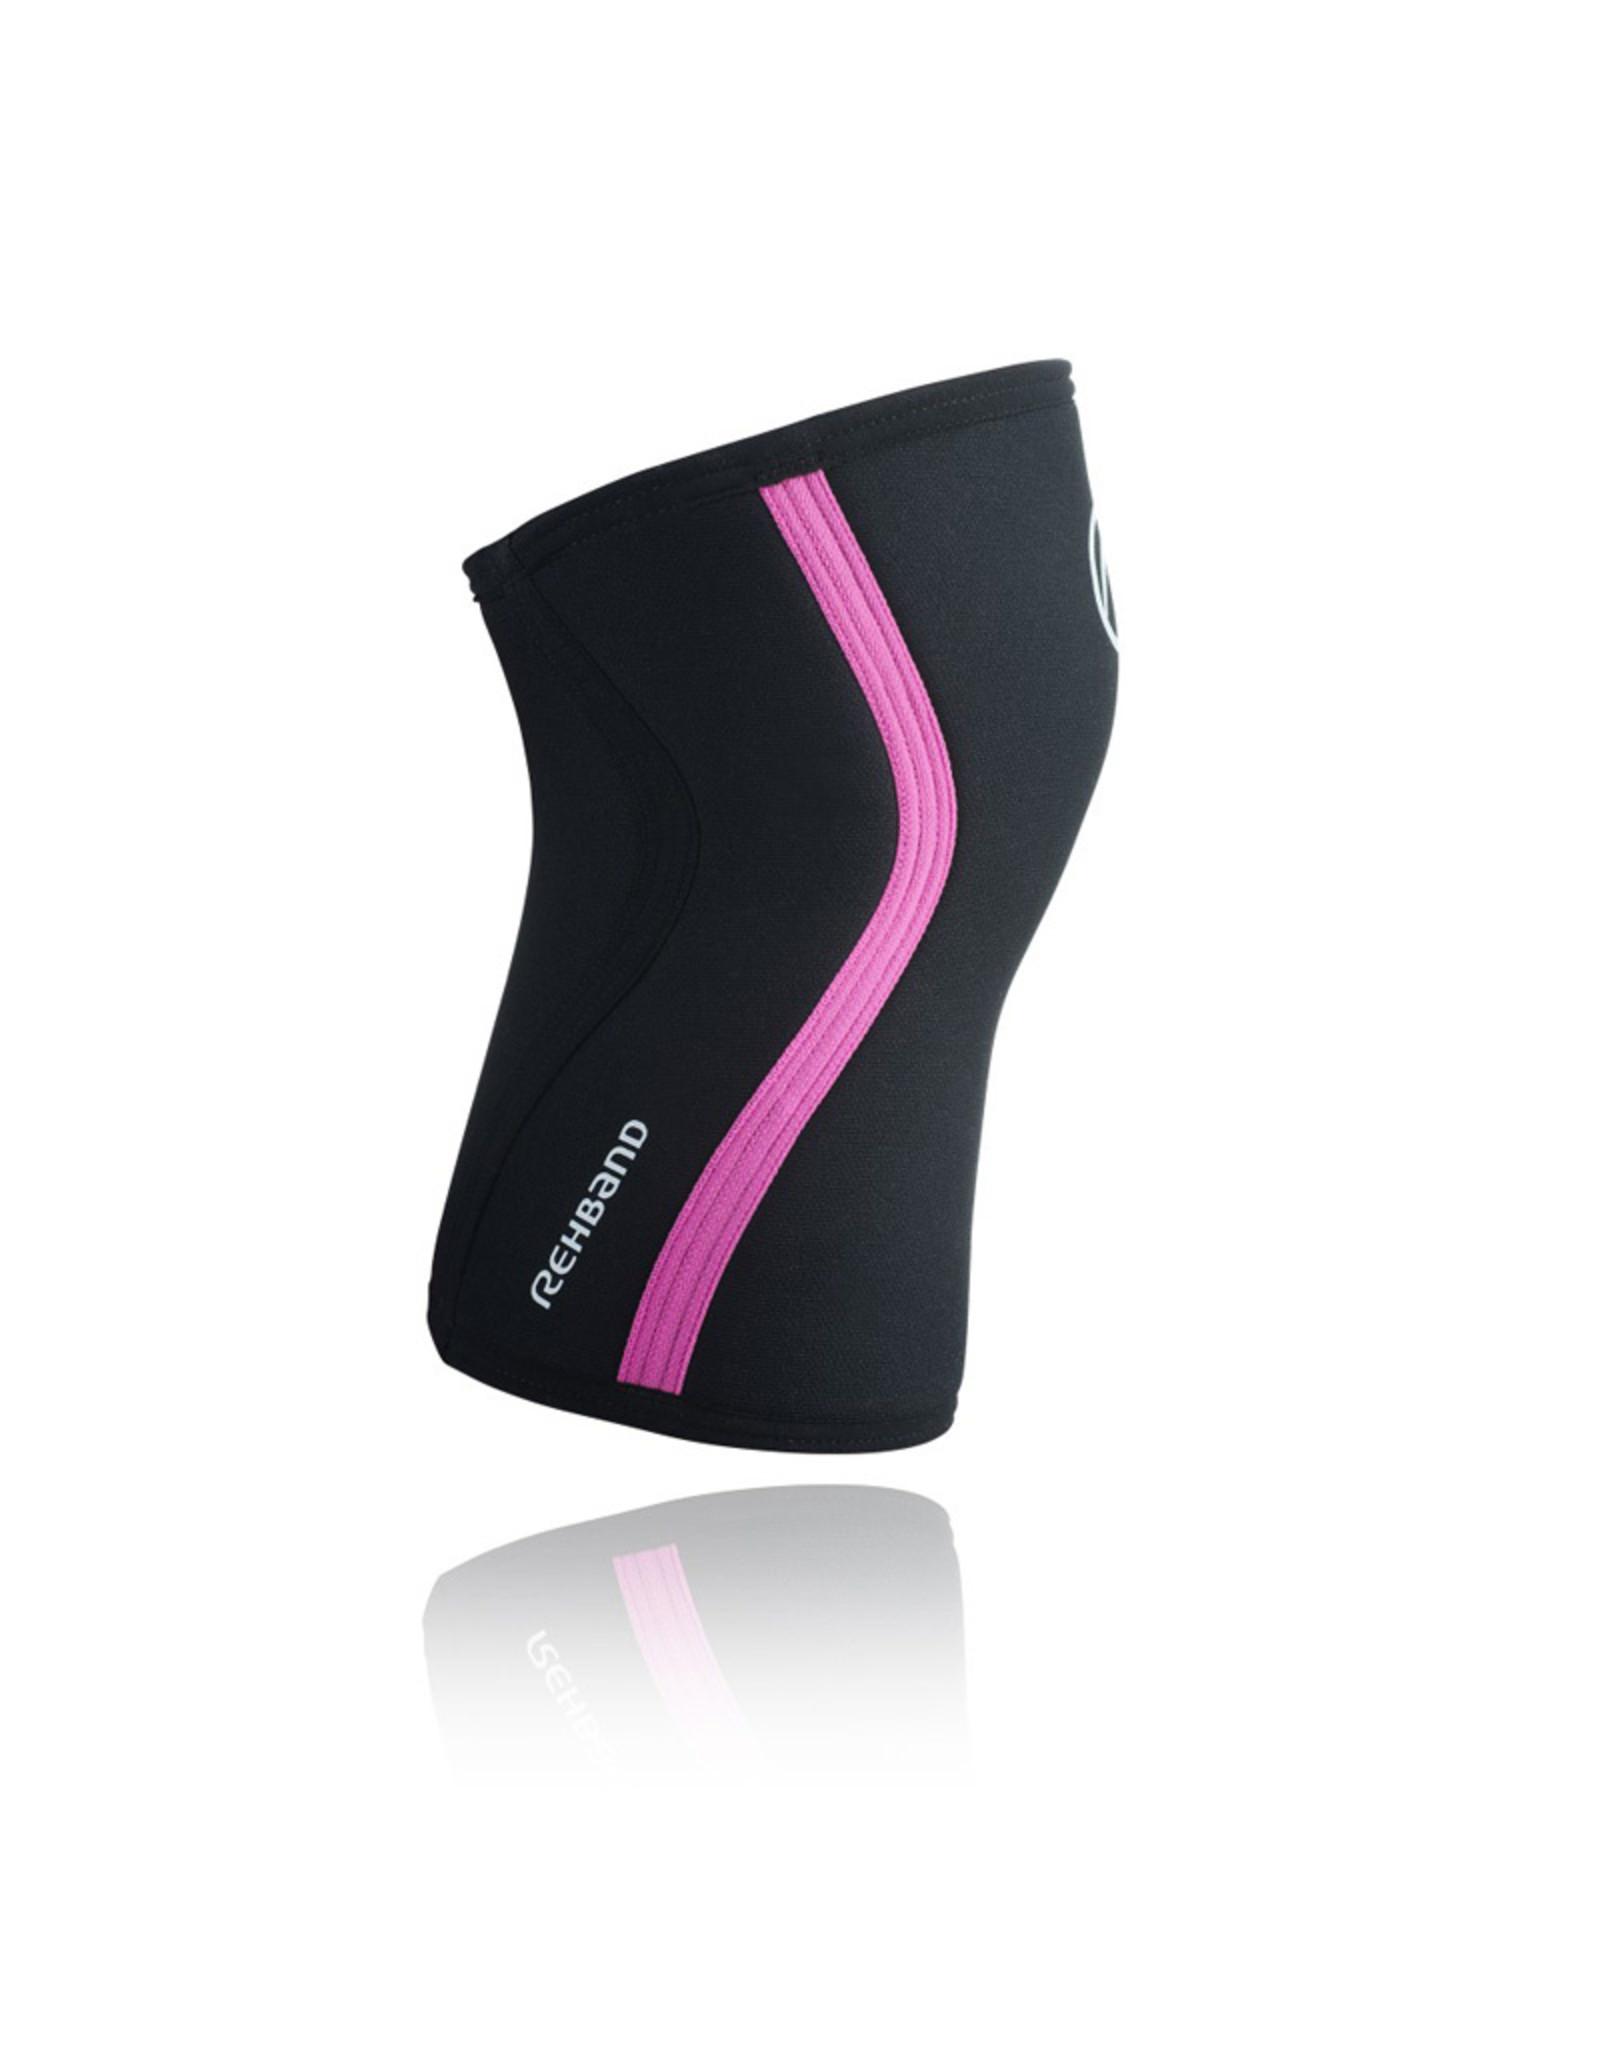 Rehband Rx Knee Sleeve 7Mm Genouillere - Noir/Rose